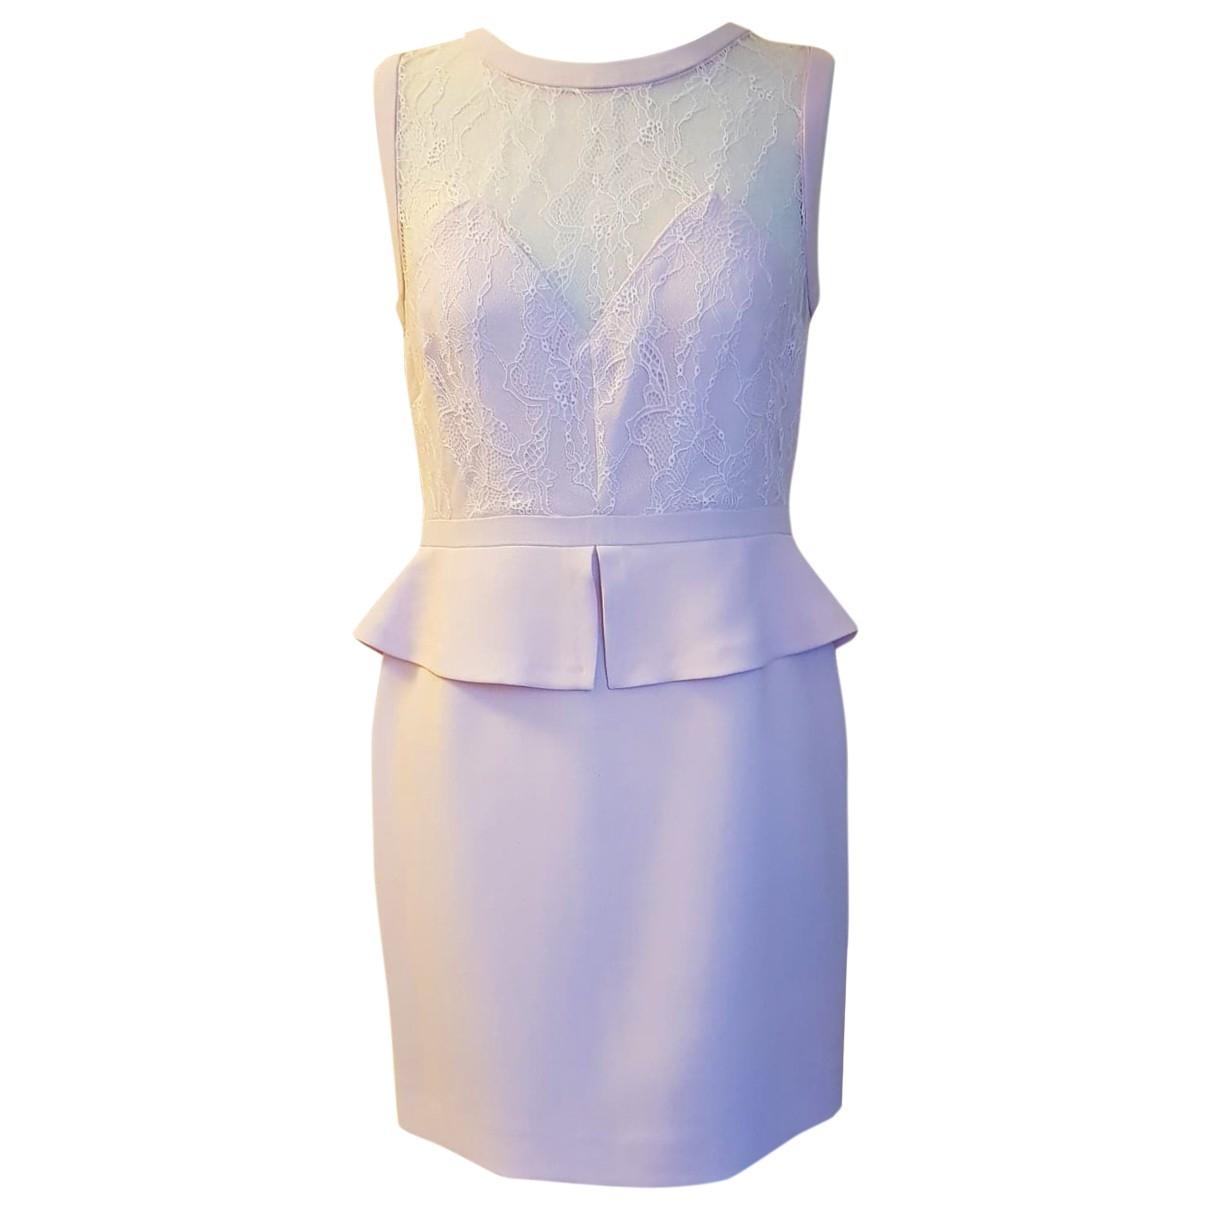 Sandro \N Pink dress for Women 2 0-5